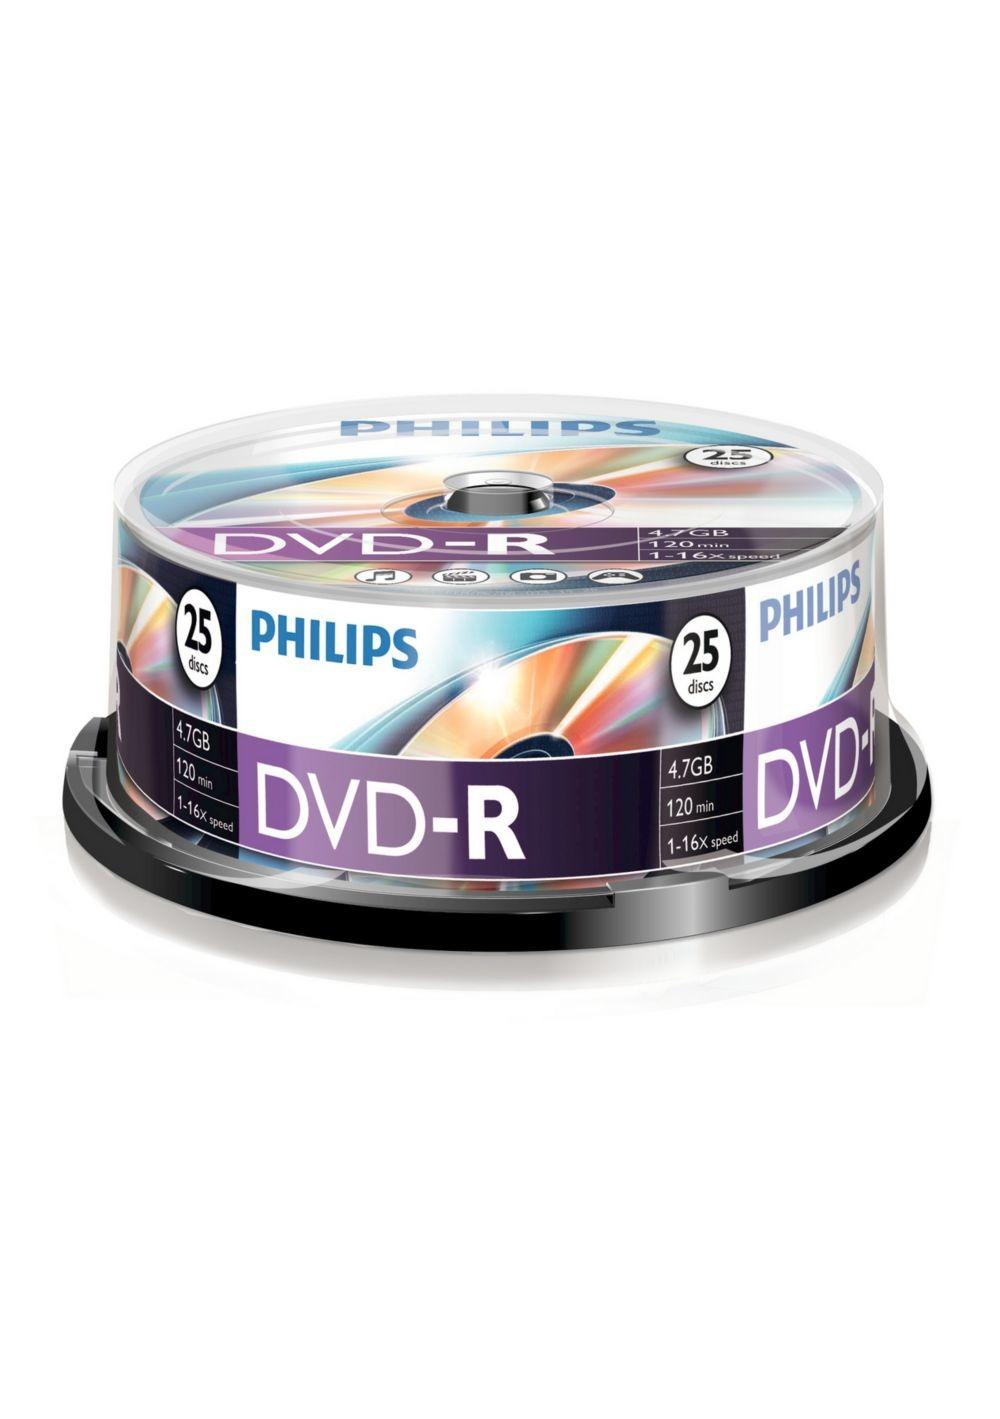 Op Perfect Plasma is alles over witgoed te vinden: waaronder expert en specifiek Philips cd recording 9865330032